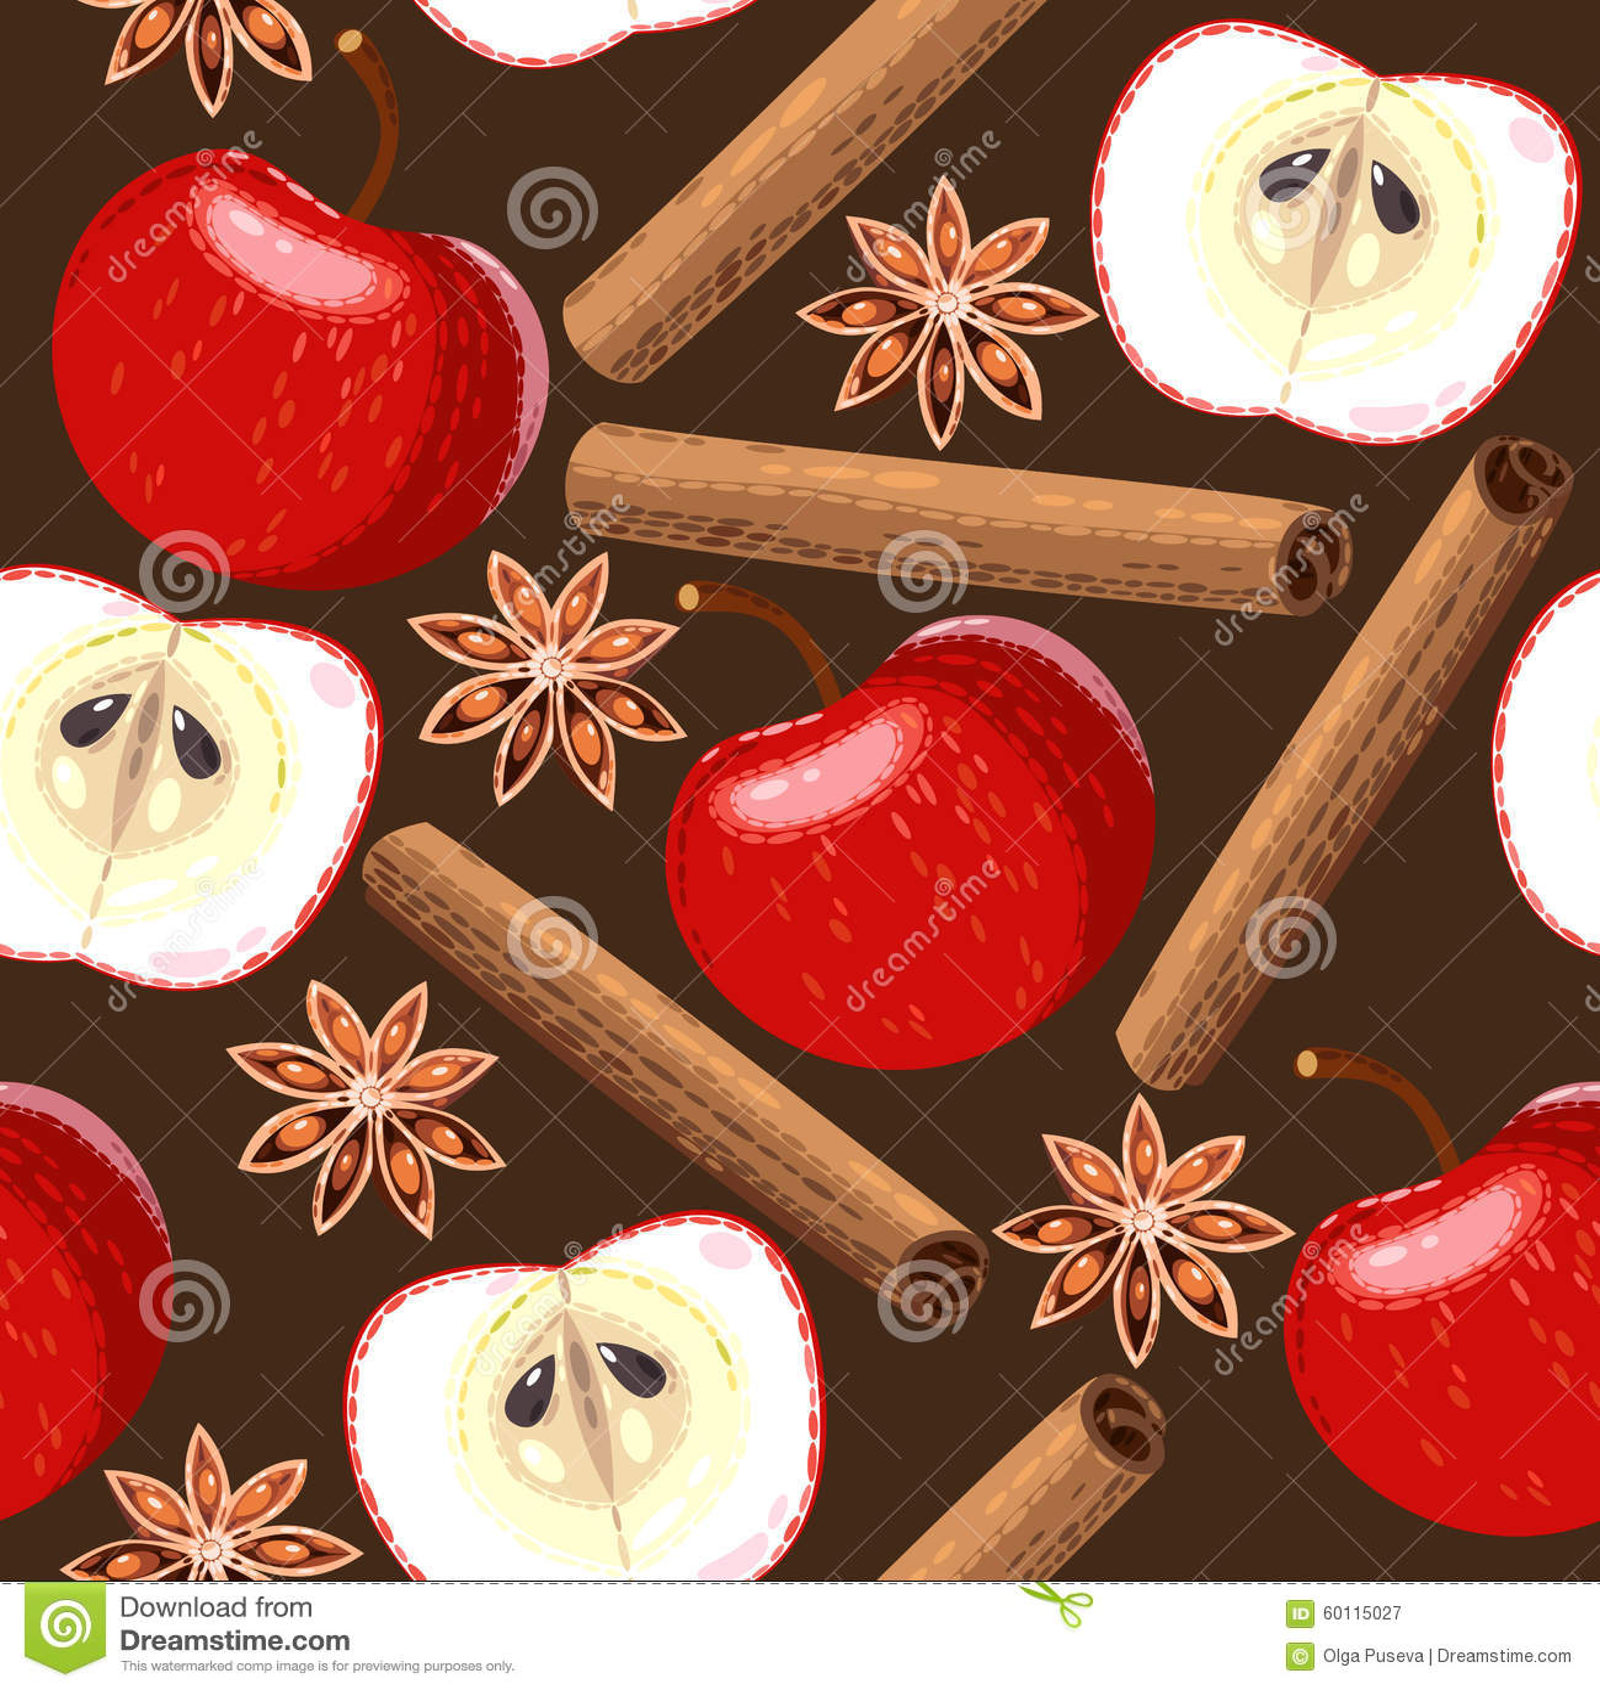 Apple Cinnamon Stock Illustrations 1 685 Apple Cinnamon Stock Illustrations Vectors Clipart Dreamstime